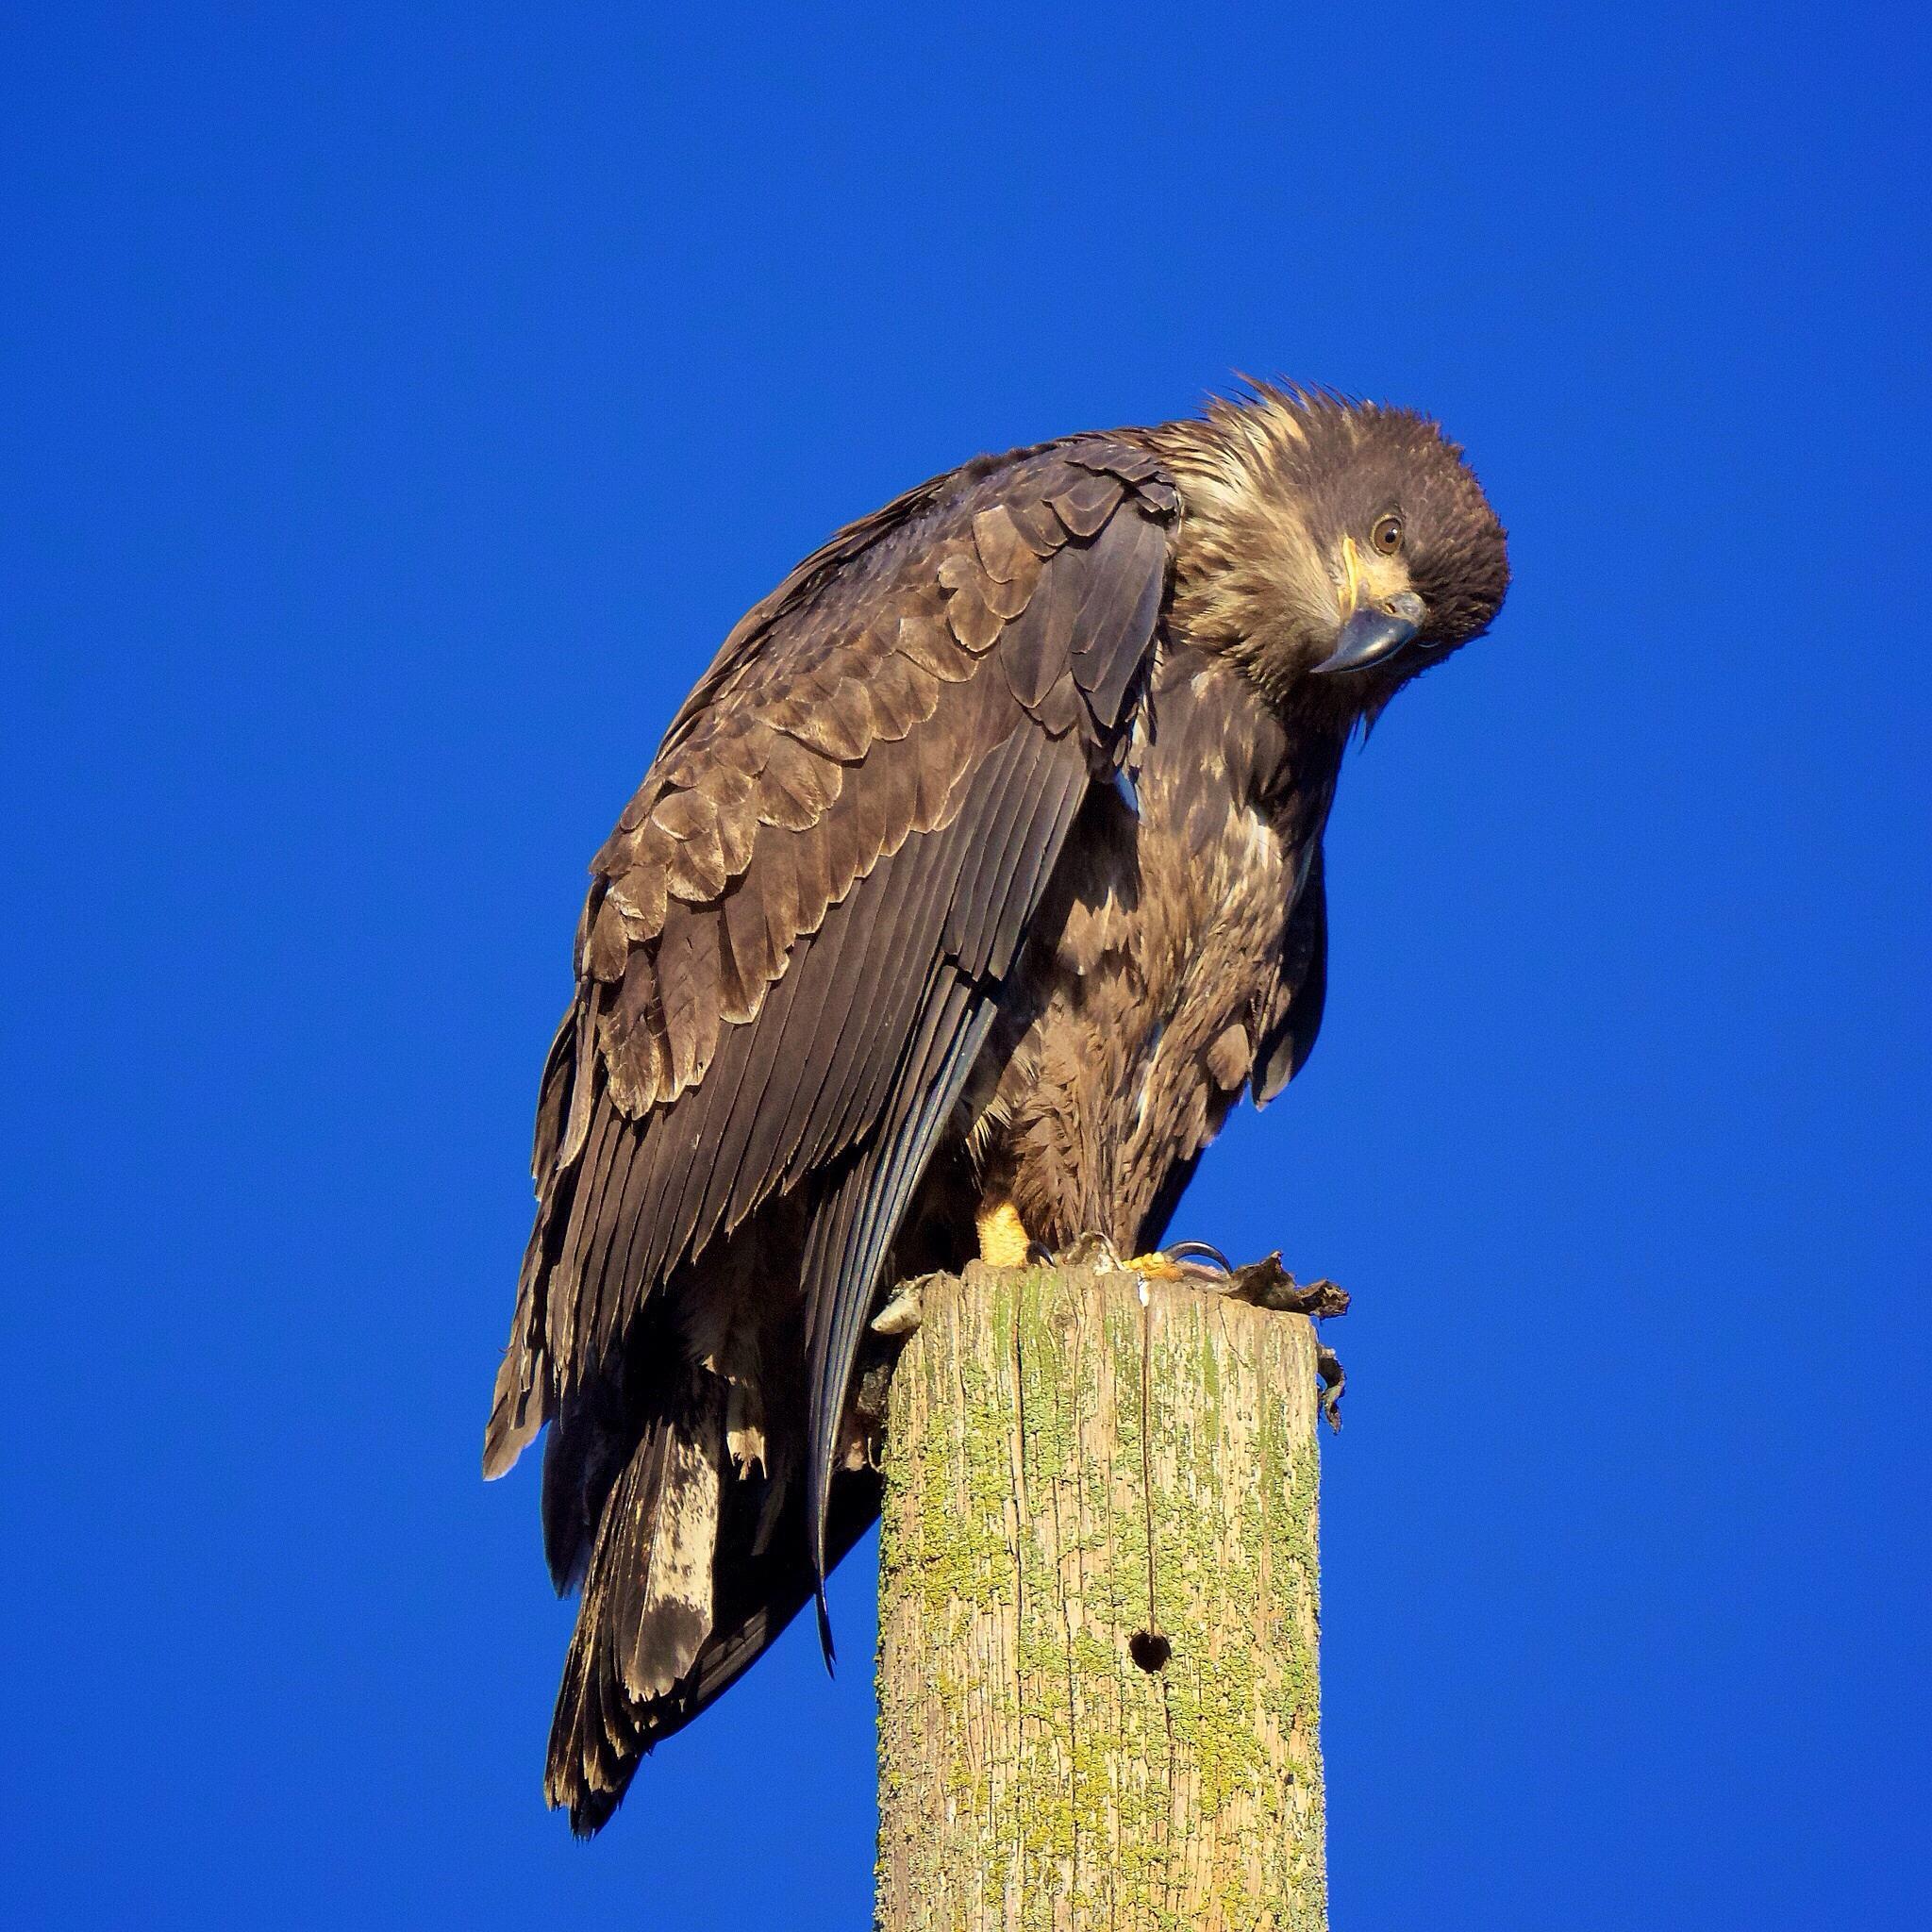 Juvenile Bald Eagle by Blingsister